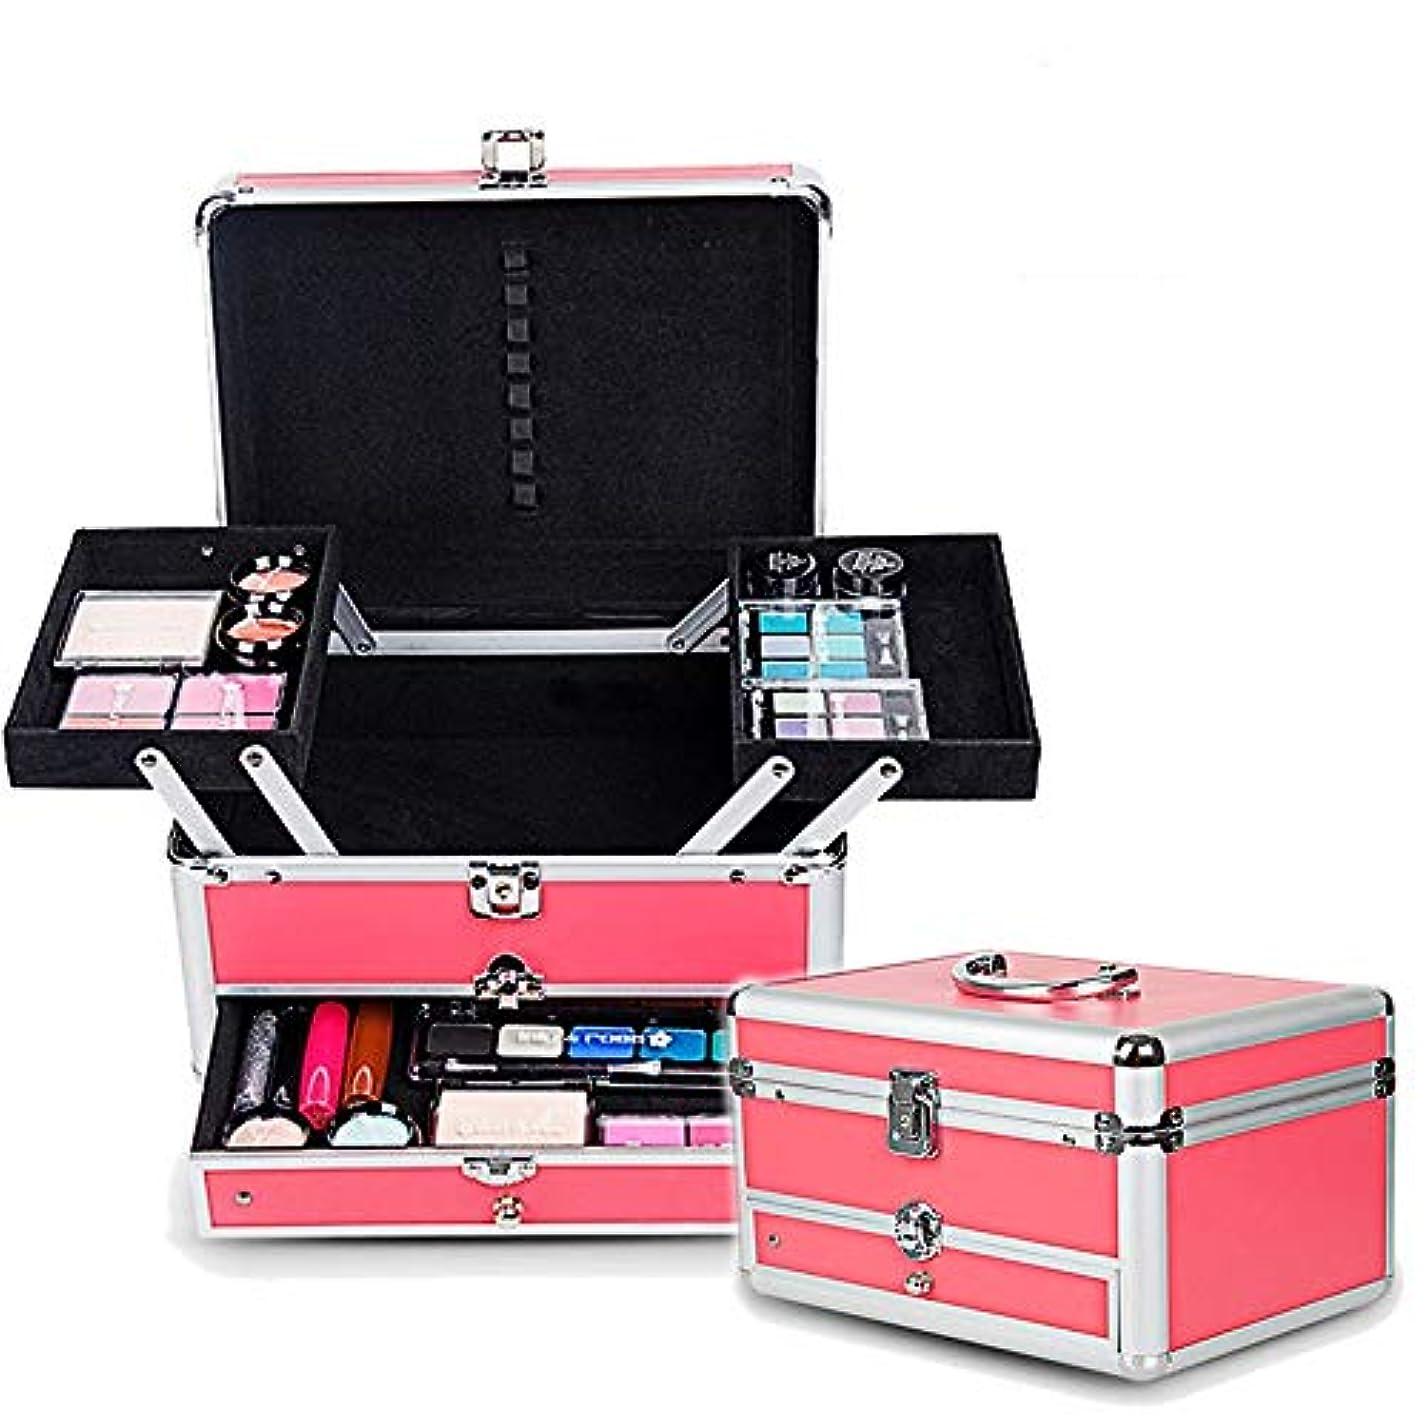 果てしないびっくりする絵特大スペース収納ビューティーボックス 女の子の女性旅行のための新しく、実用的な携帯用化粧箱およびロックおよび皿が付いている毎日の貯蔵 化粧品化粧台 (色 : ピンク)